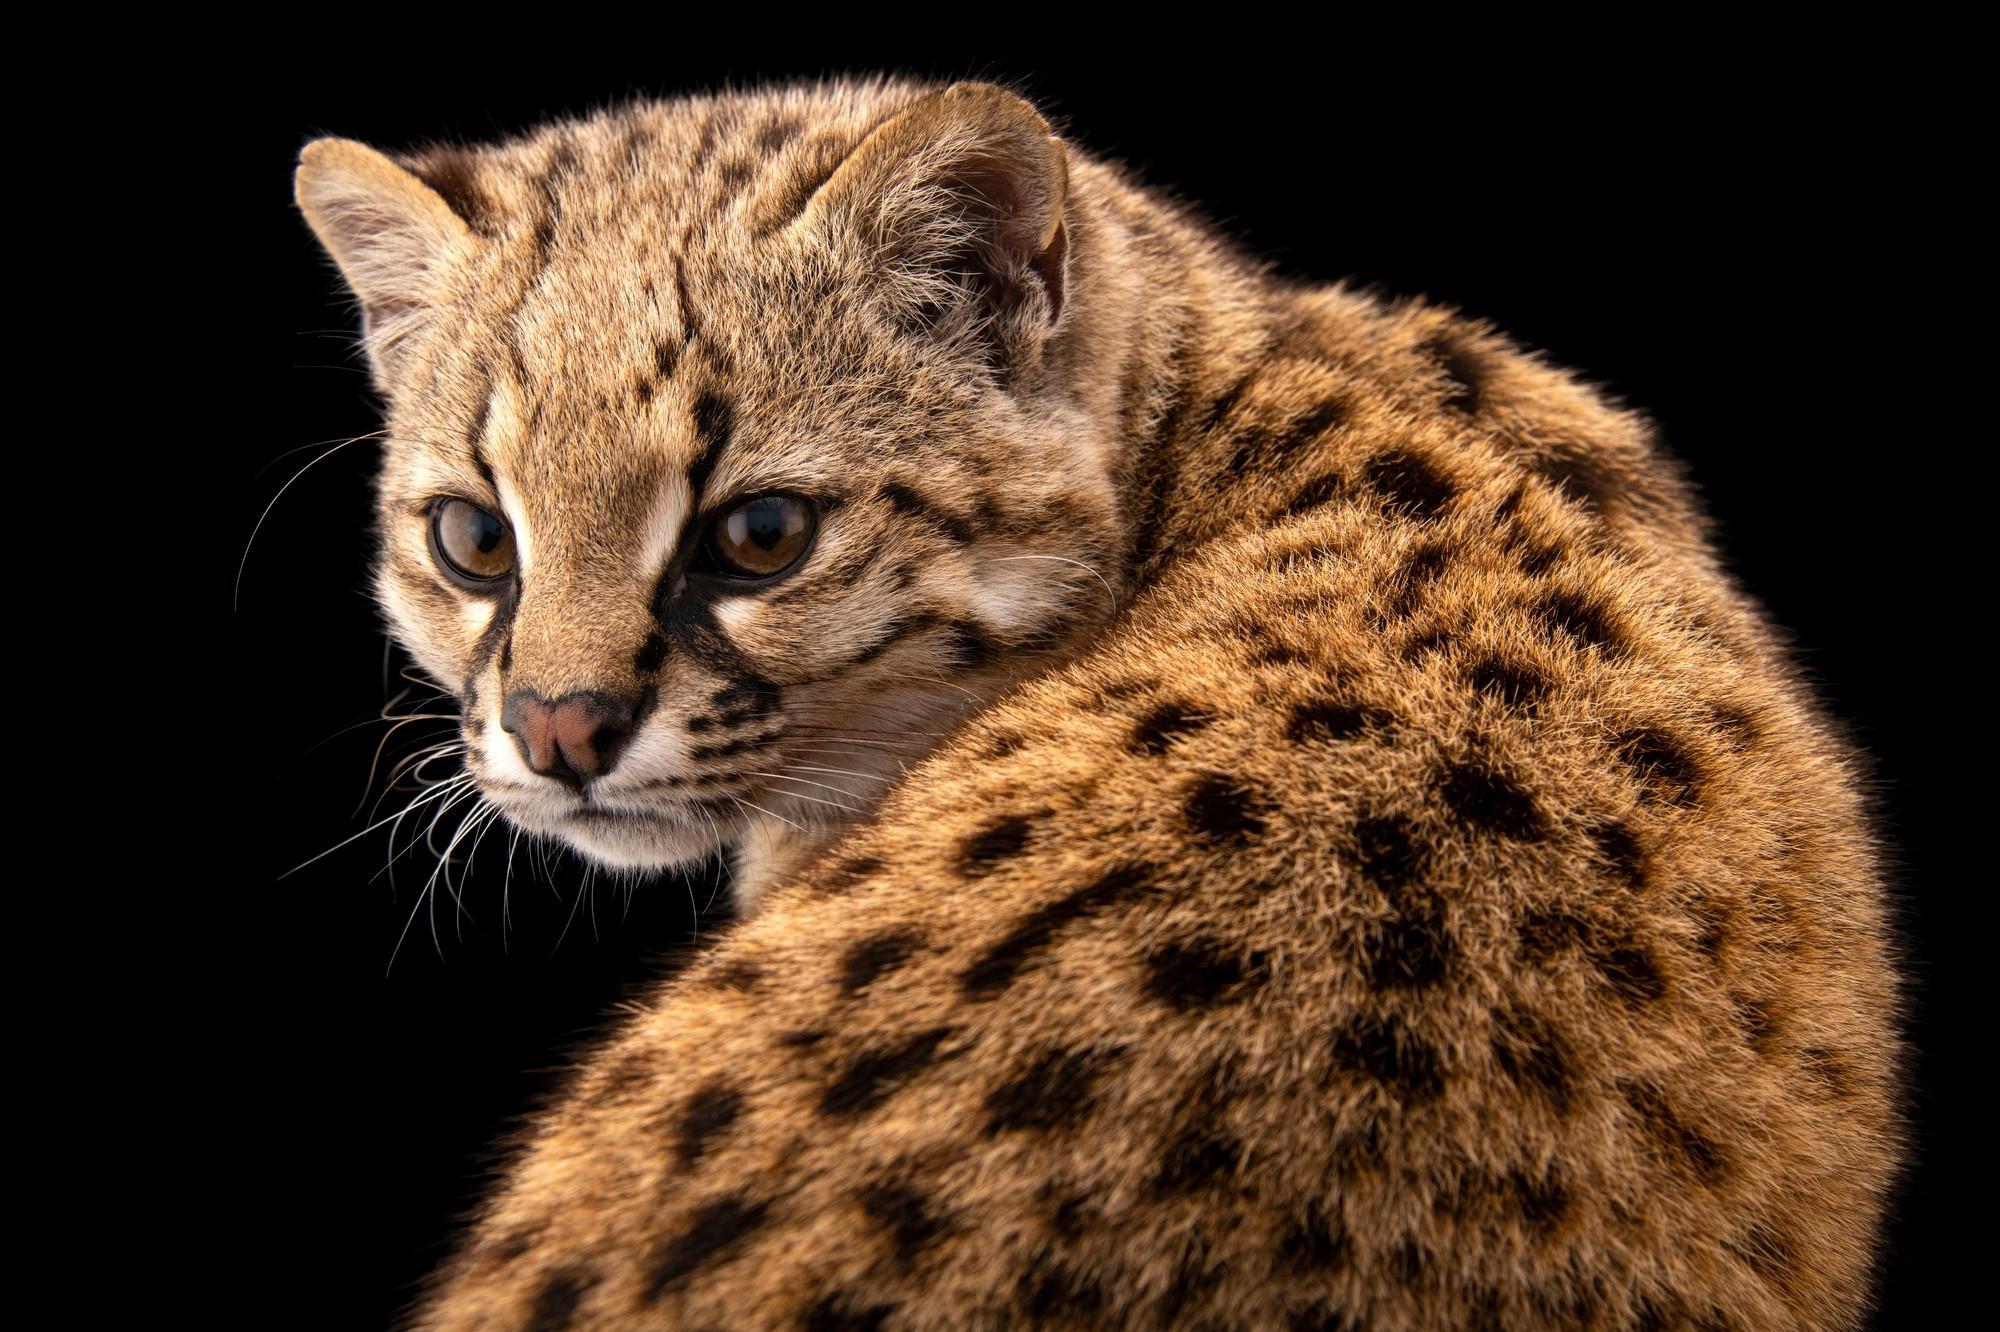 Среди южноамериканских млекопитающих нашлись новые хозяева трихинелл